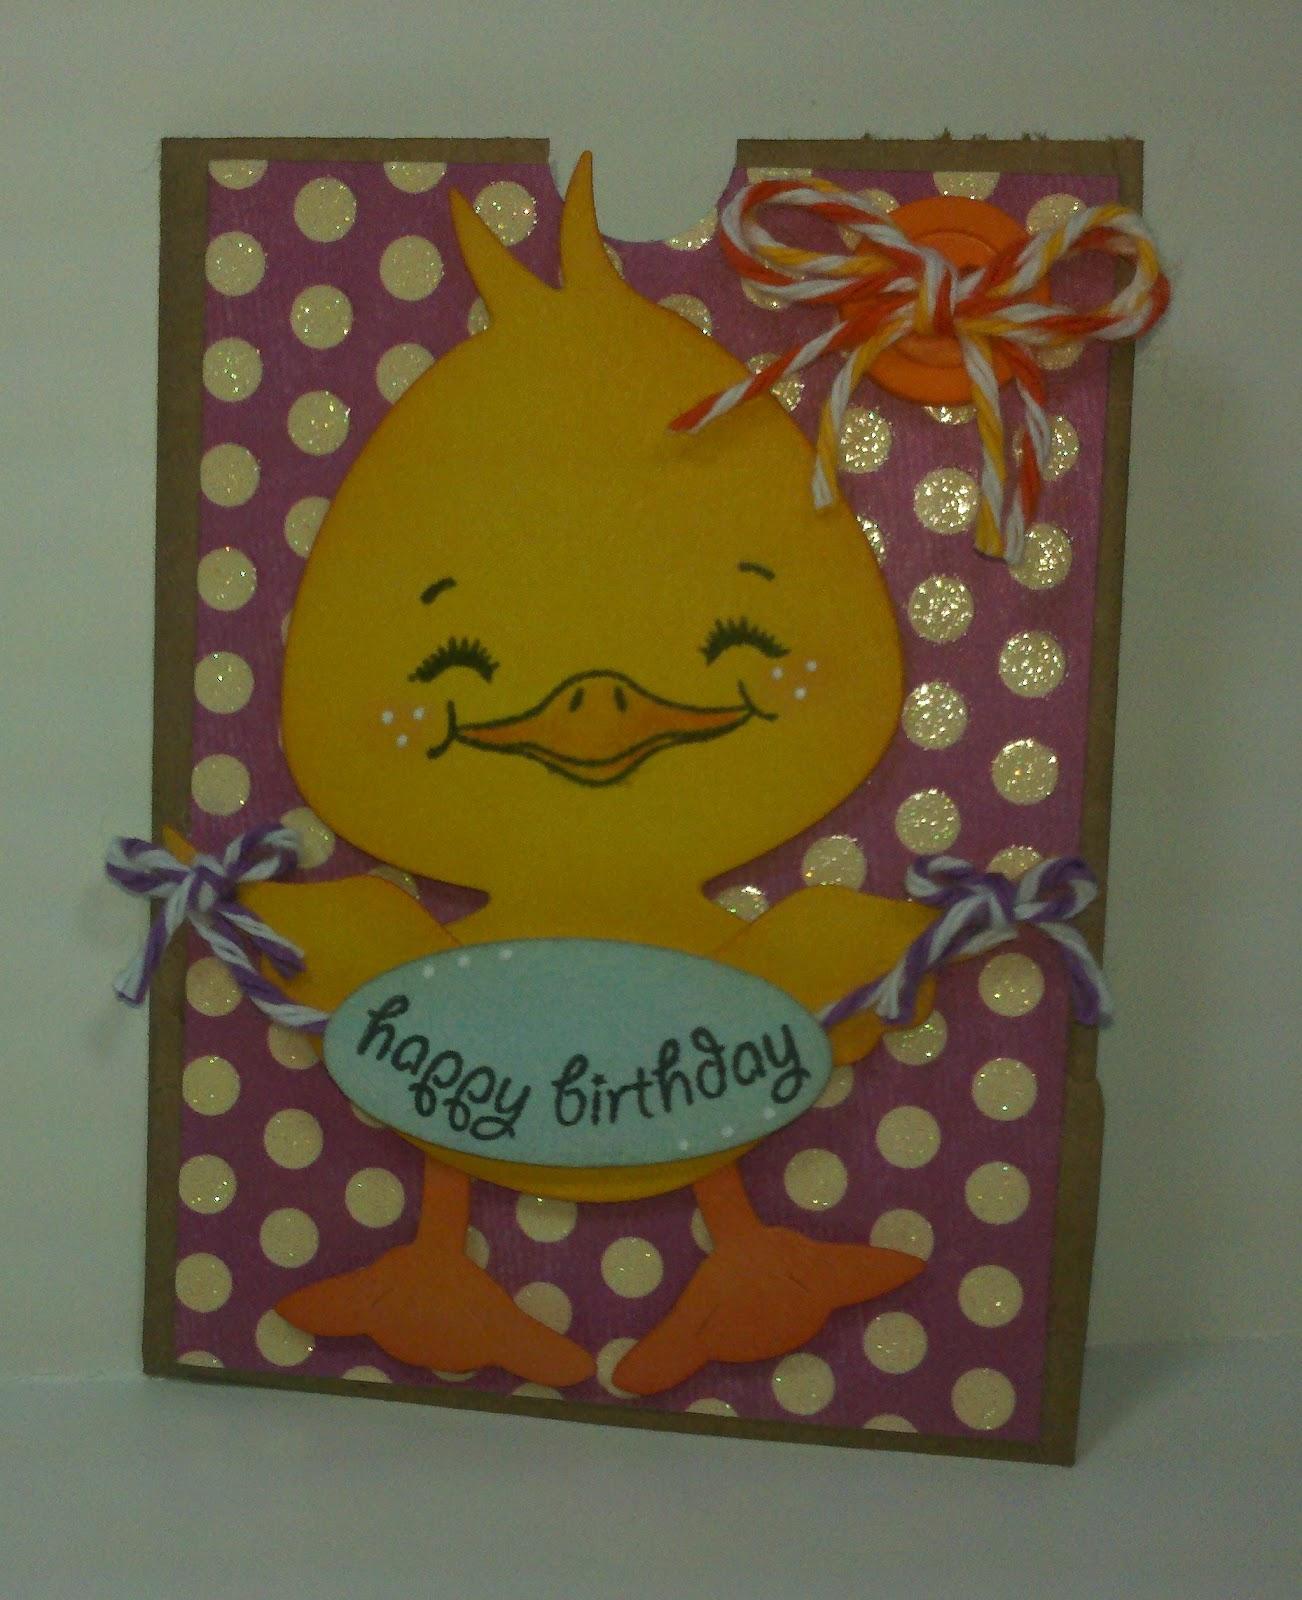 DeeGee Scraps: Happy Birthday Gift Card Holder